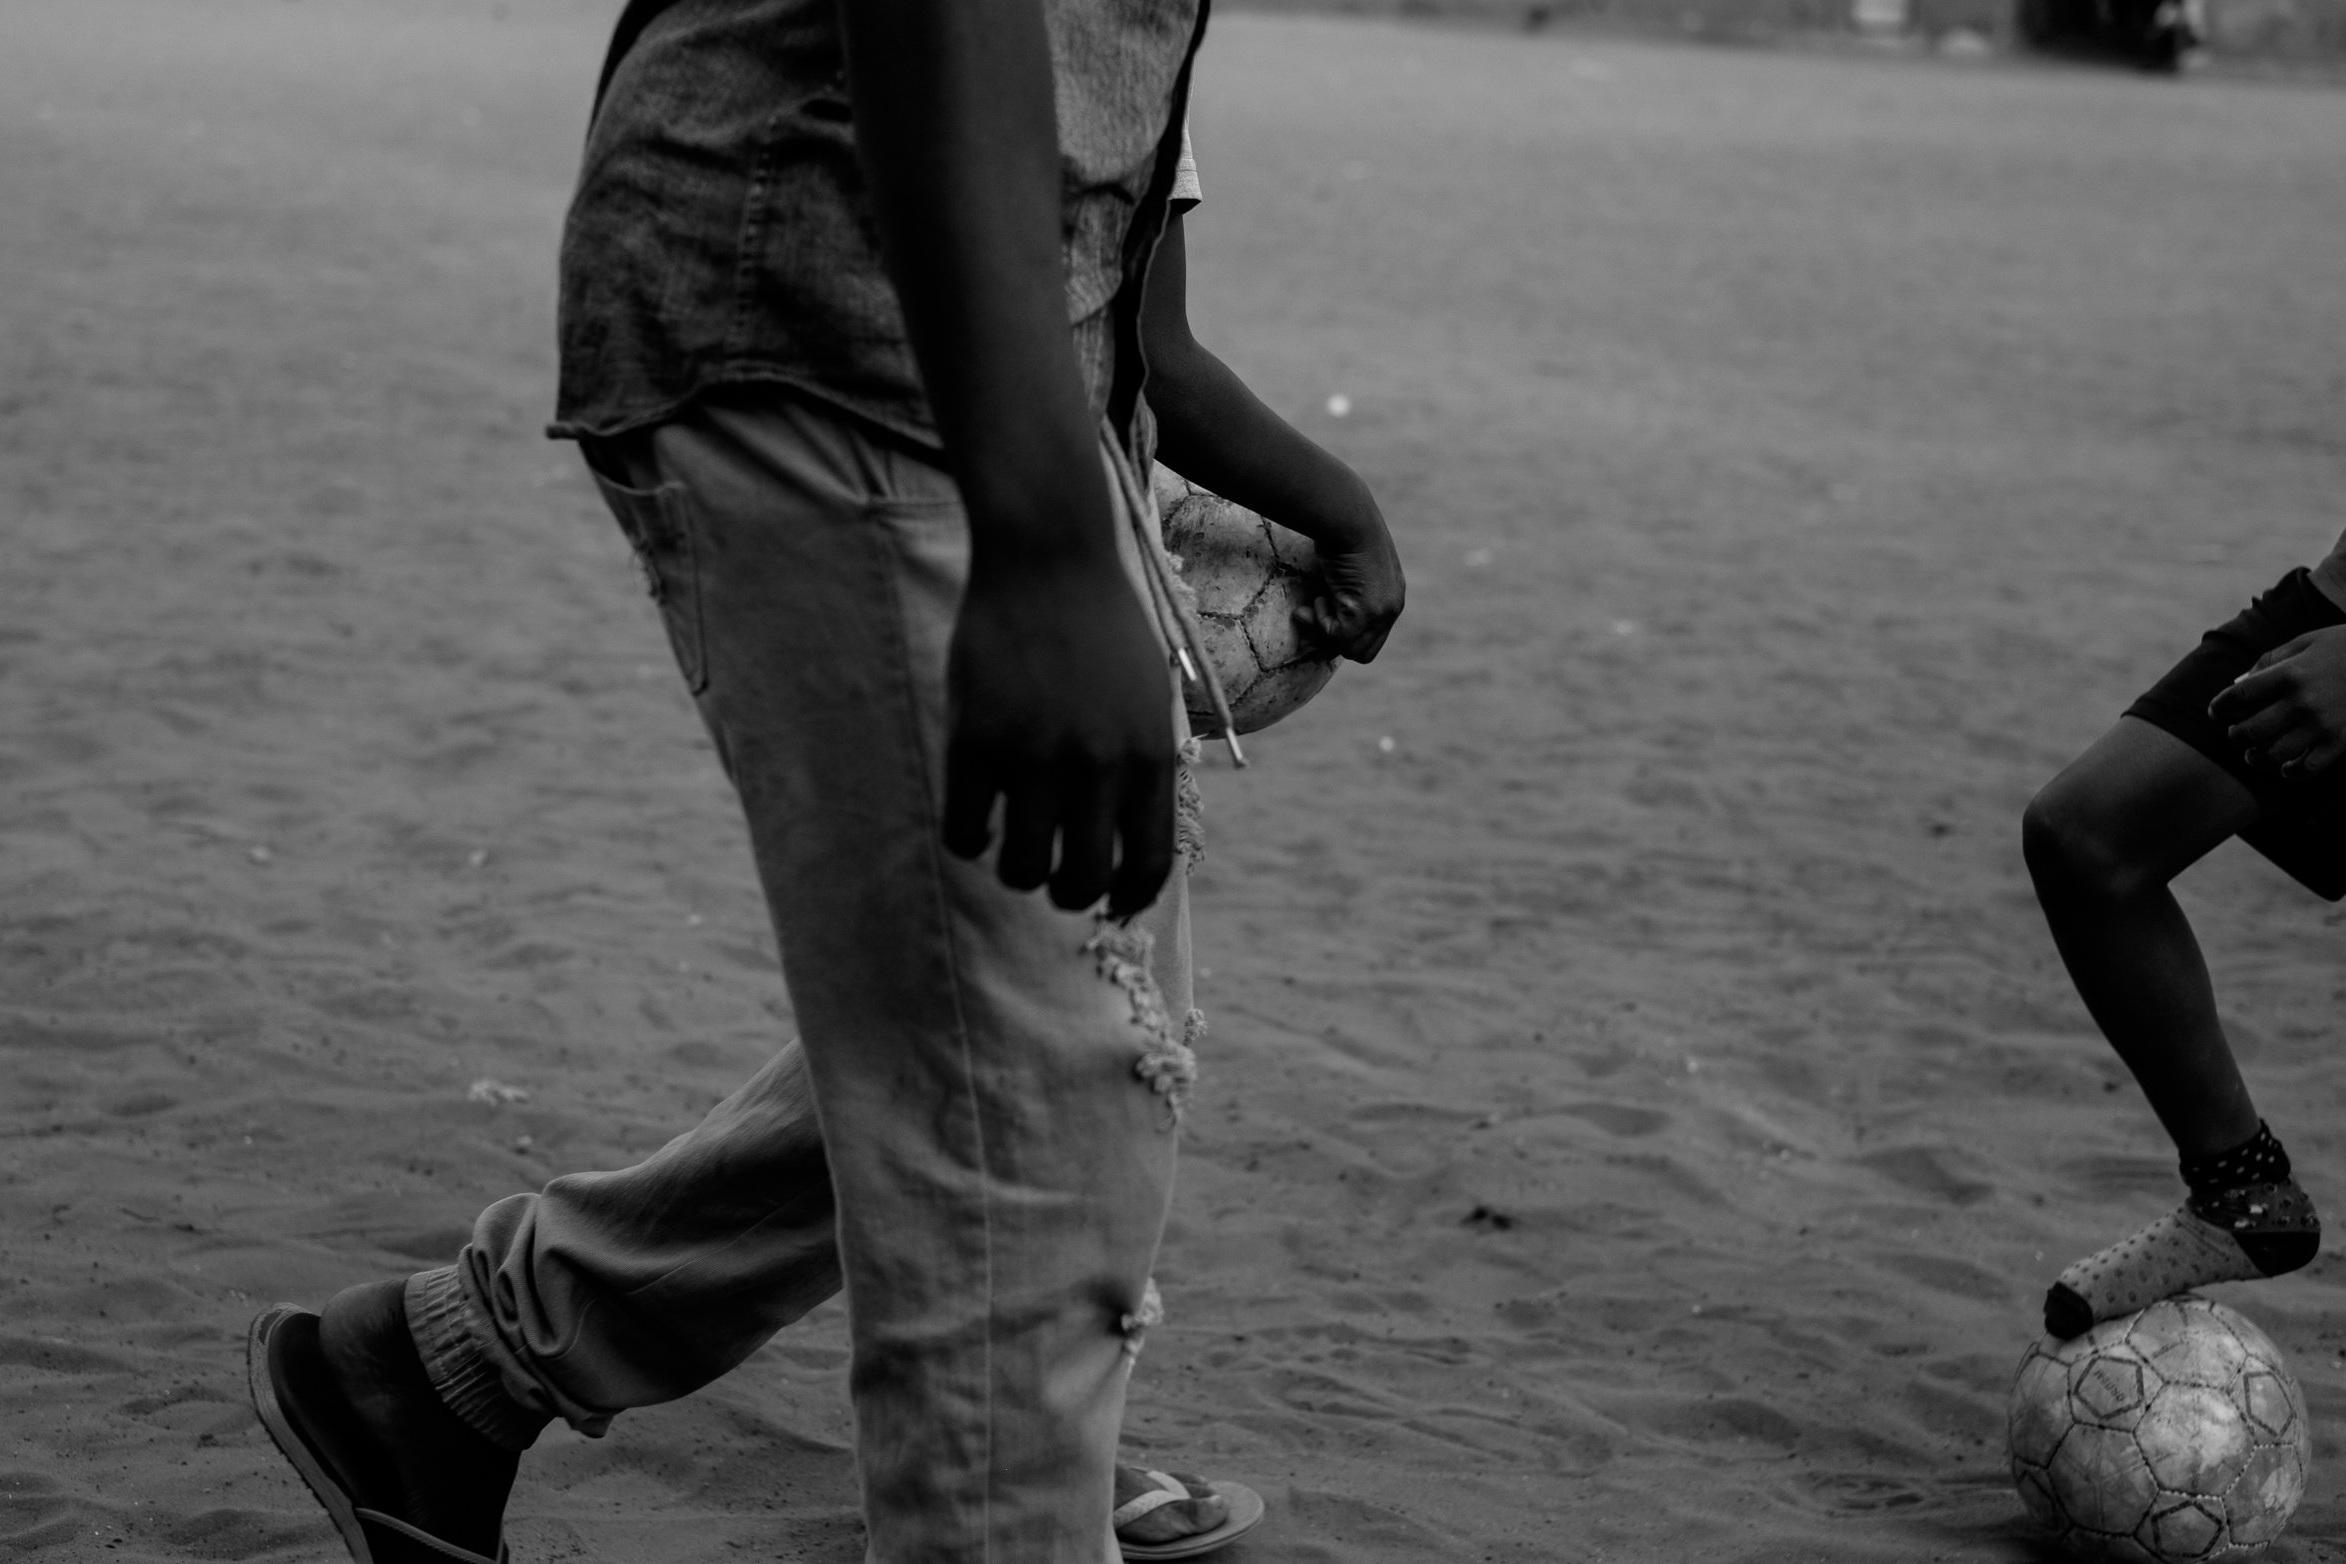 Football for Change - Num bairro dos subúrbios de Maputo emerge a fundação Favela United, que apoia crianças marginalizadas, fornecendo-lhes ferramentas psicossociais para as suas vidas. Este documentário de longo prazo acompanha a vida das crianças até que sejam adultas, de forma a avaliar o impacto transformador do futebol para empoderar os jovens de Moçambique.